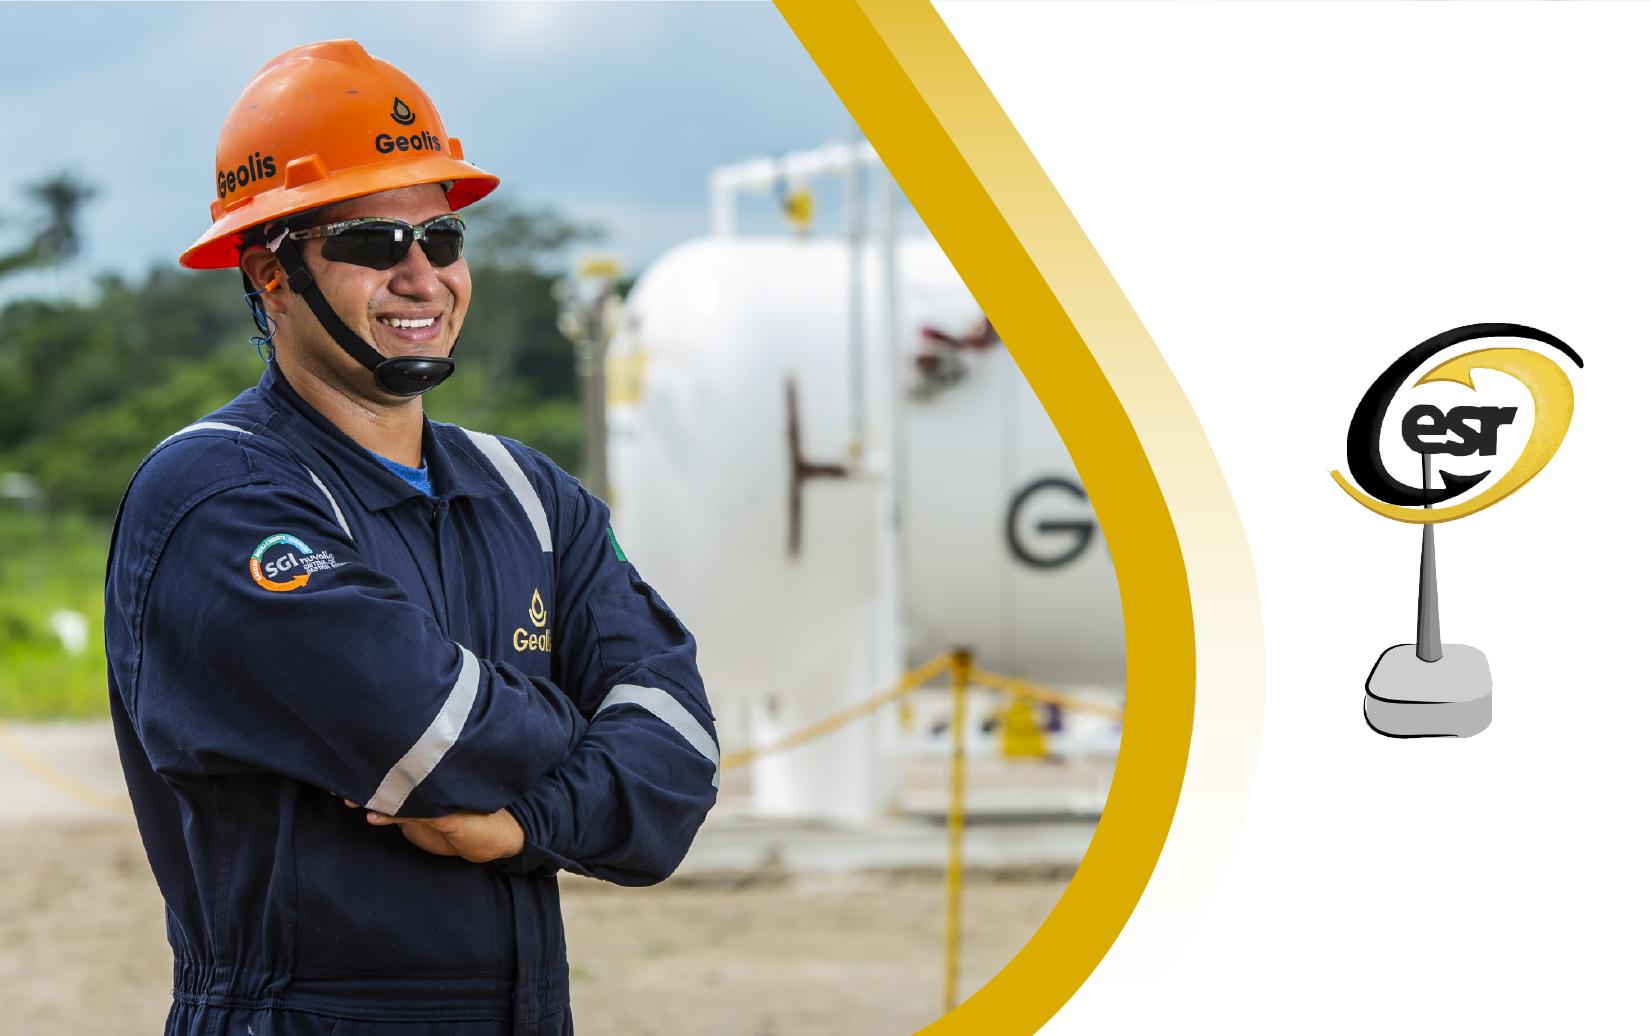 Geolis recibe distintivo ESR® por su desempeño en sustentabilidad.